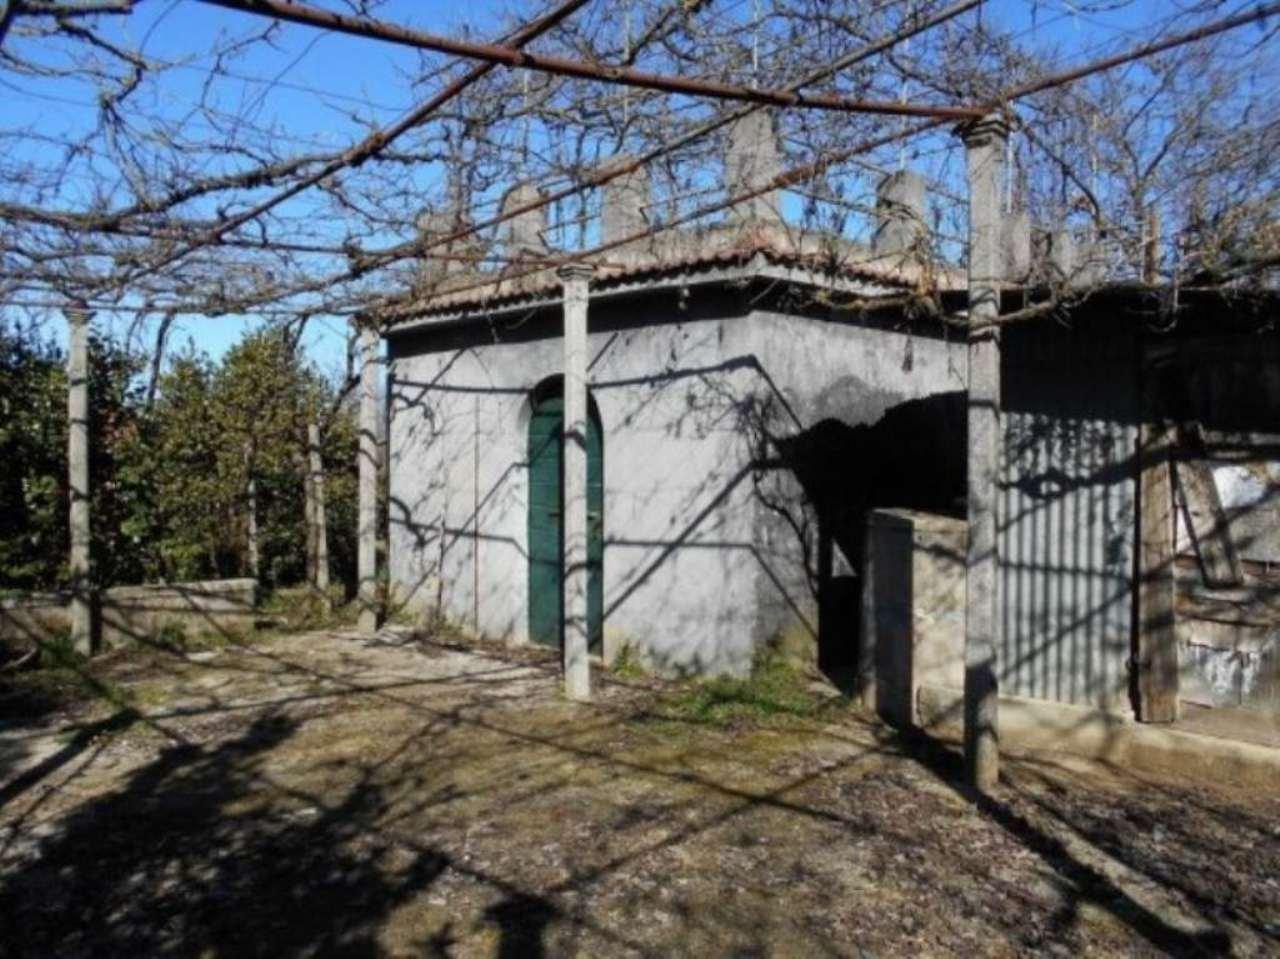 Rustico / Casale in vendita a Zagarolo, 3 locali, prezzo € 59.000 | Cambio Casa.it